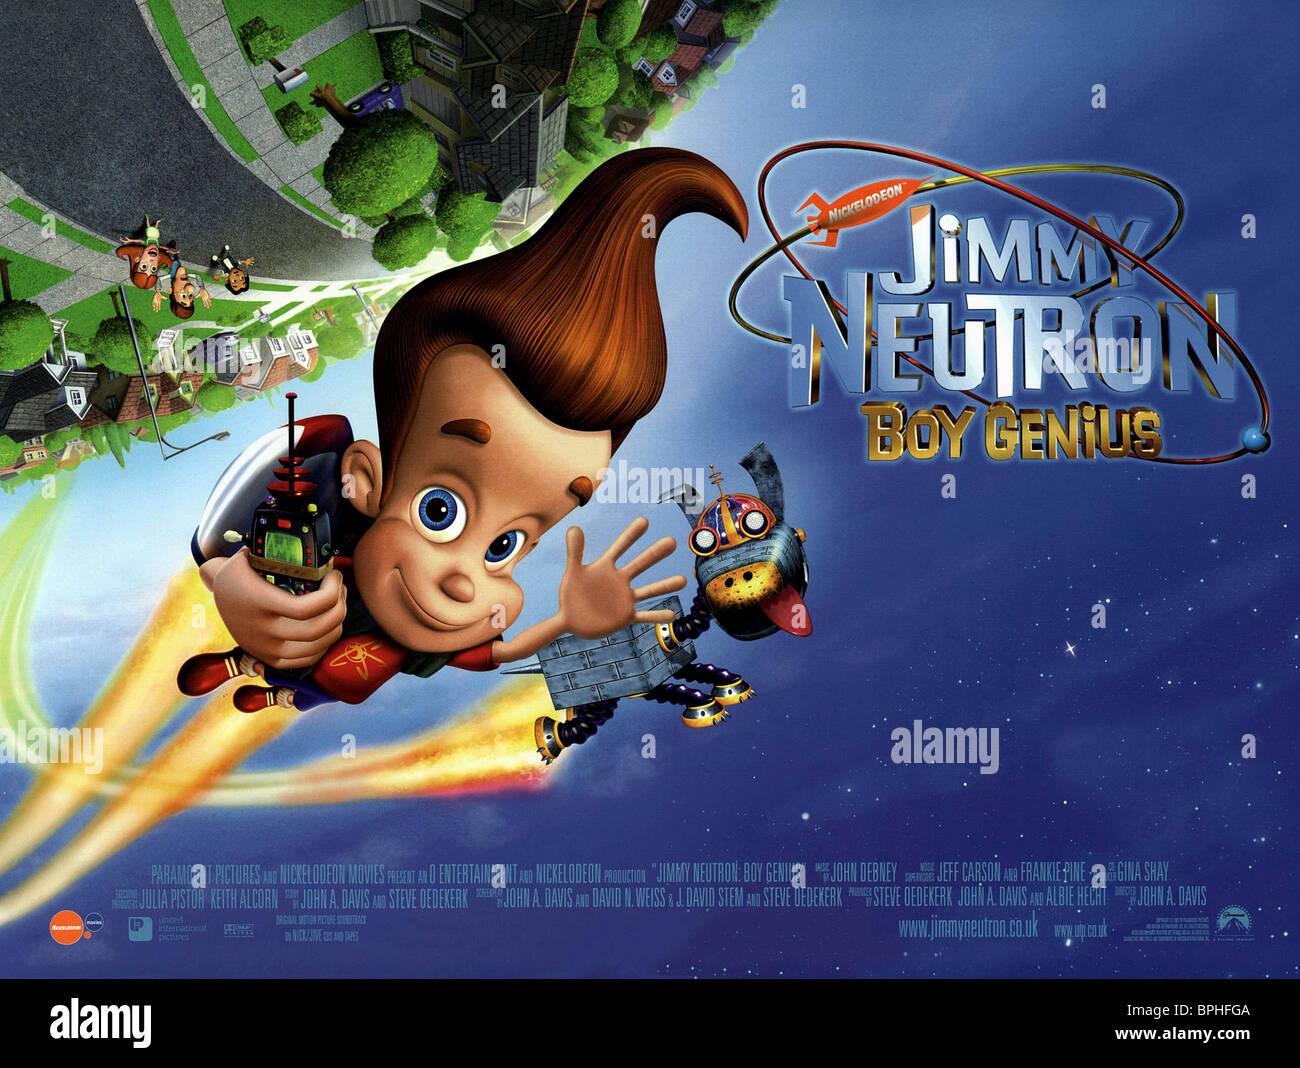 jimmy goddard jimmy neutron boy genius 2001 stock photo